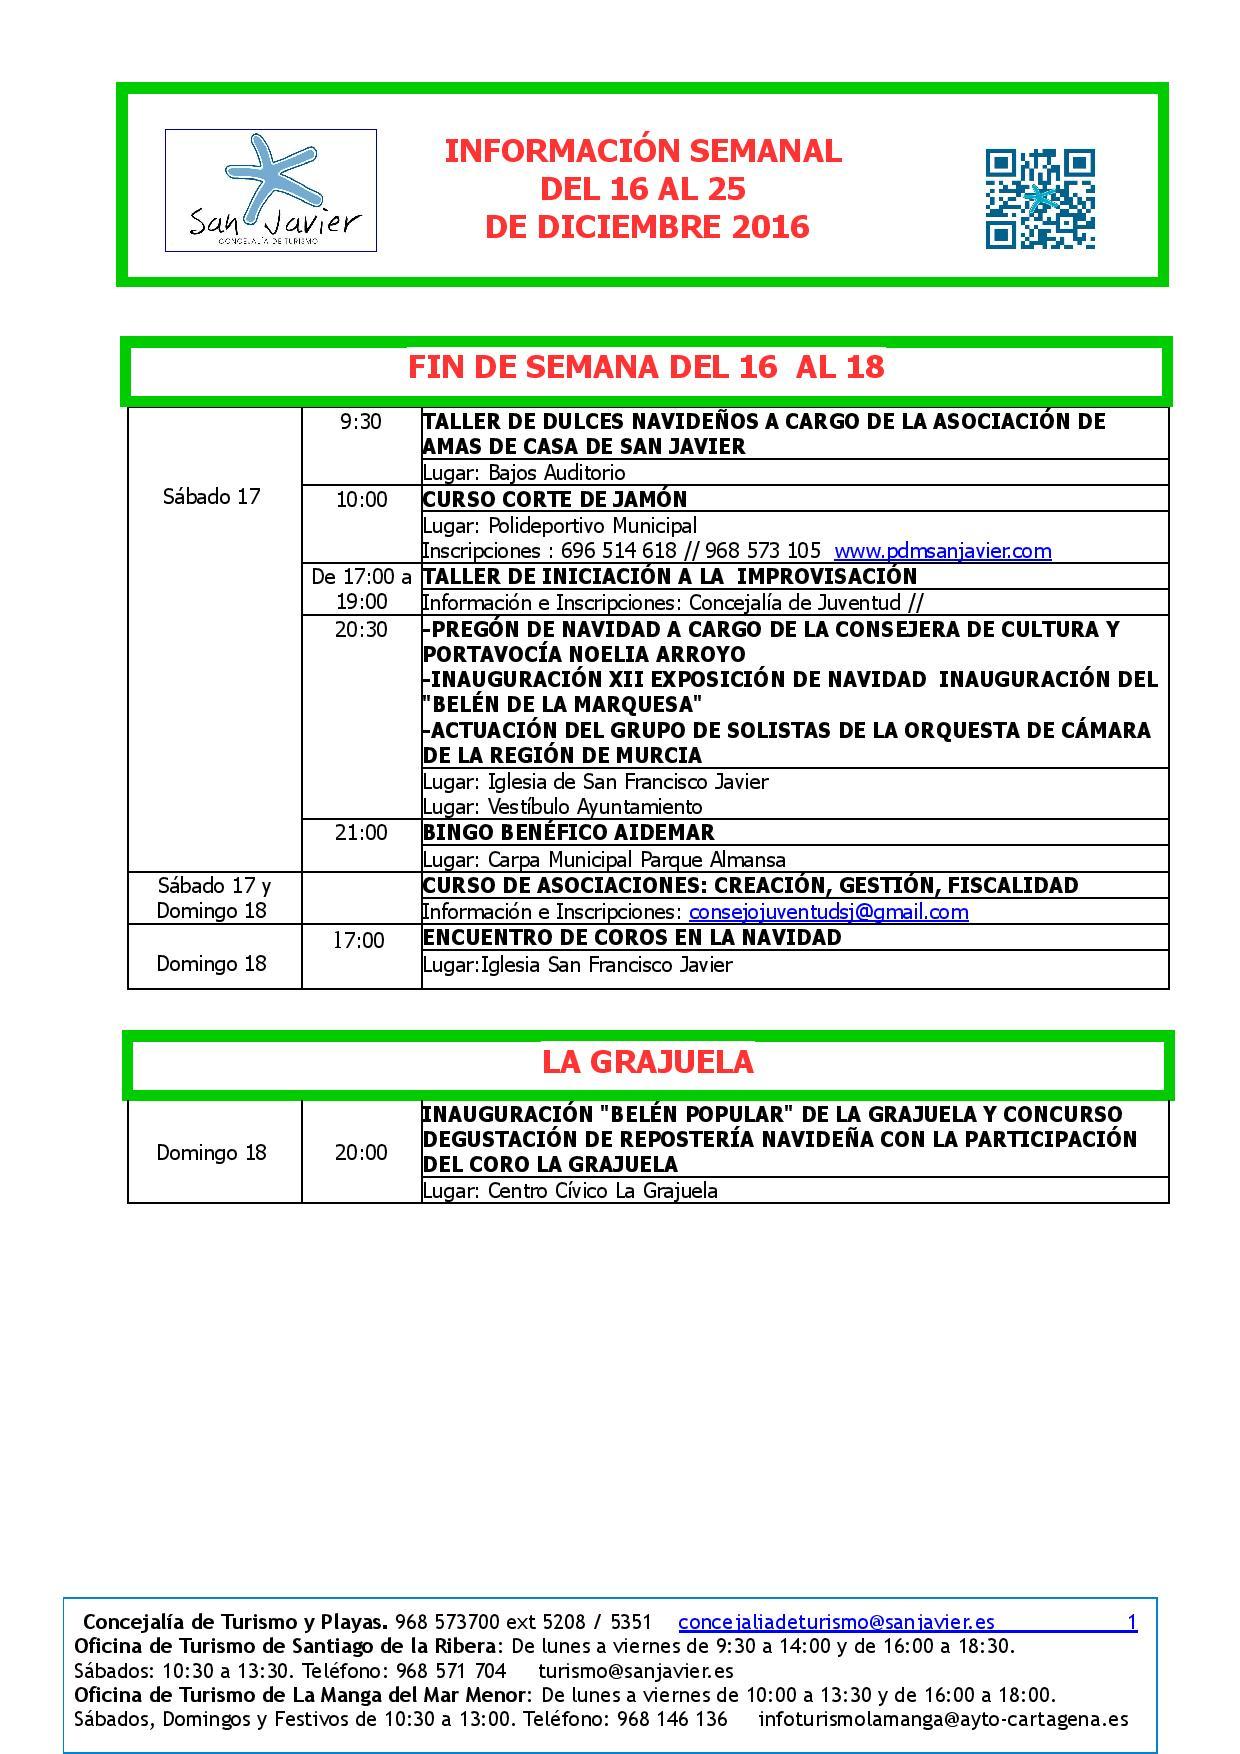 del-16-al-25-de-dic-page-001